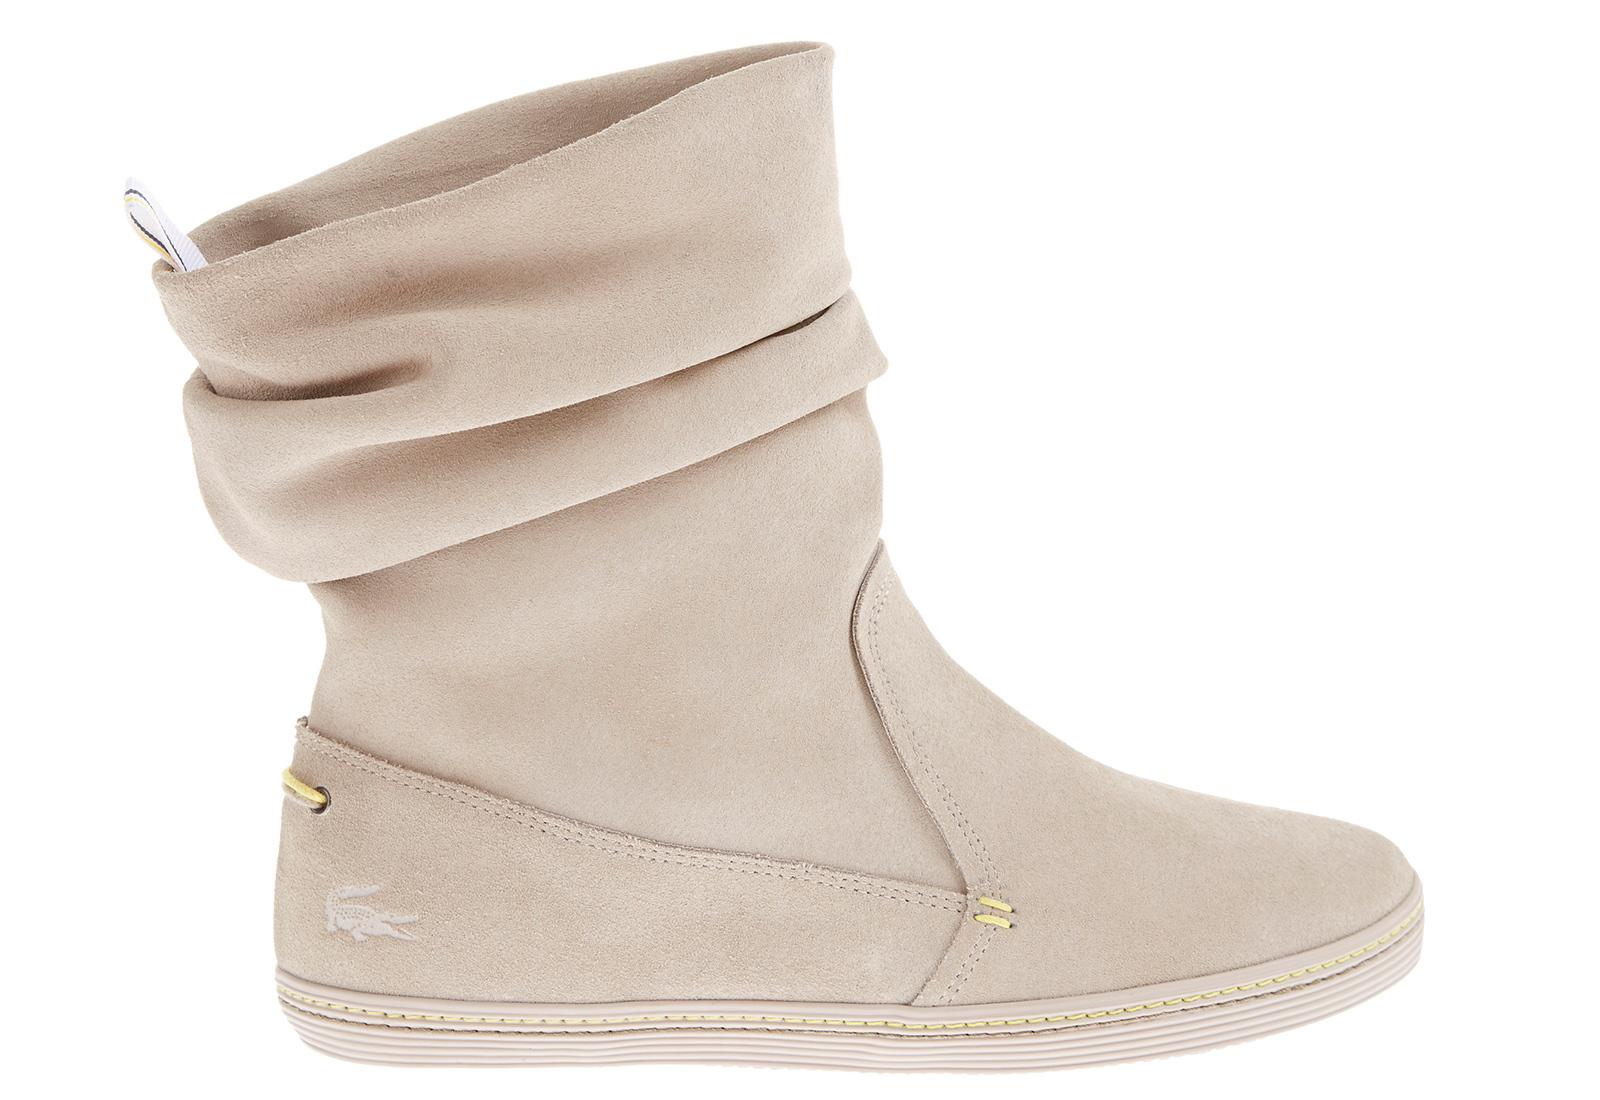 Lacoste Csizma - Sessile - zx-srw4100158 - Office Shoes Magyarország 4833c0d9db